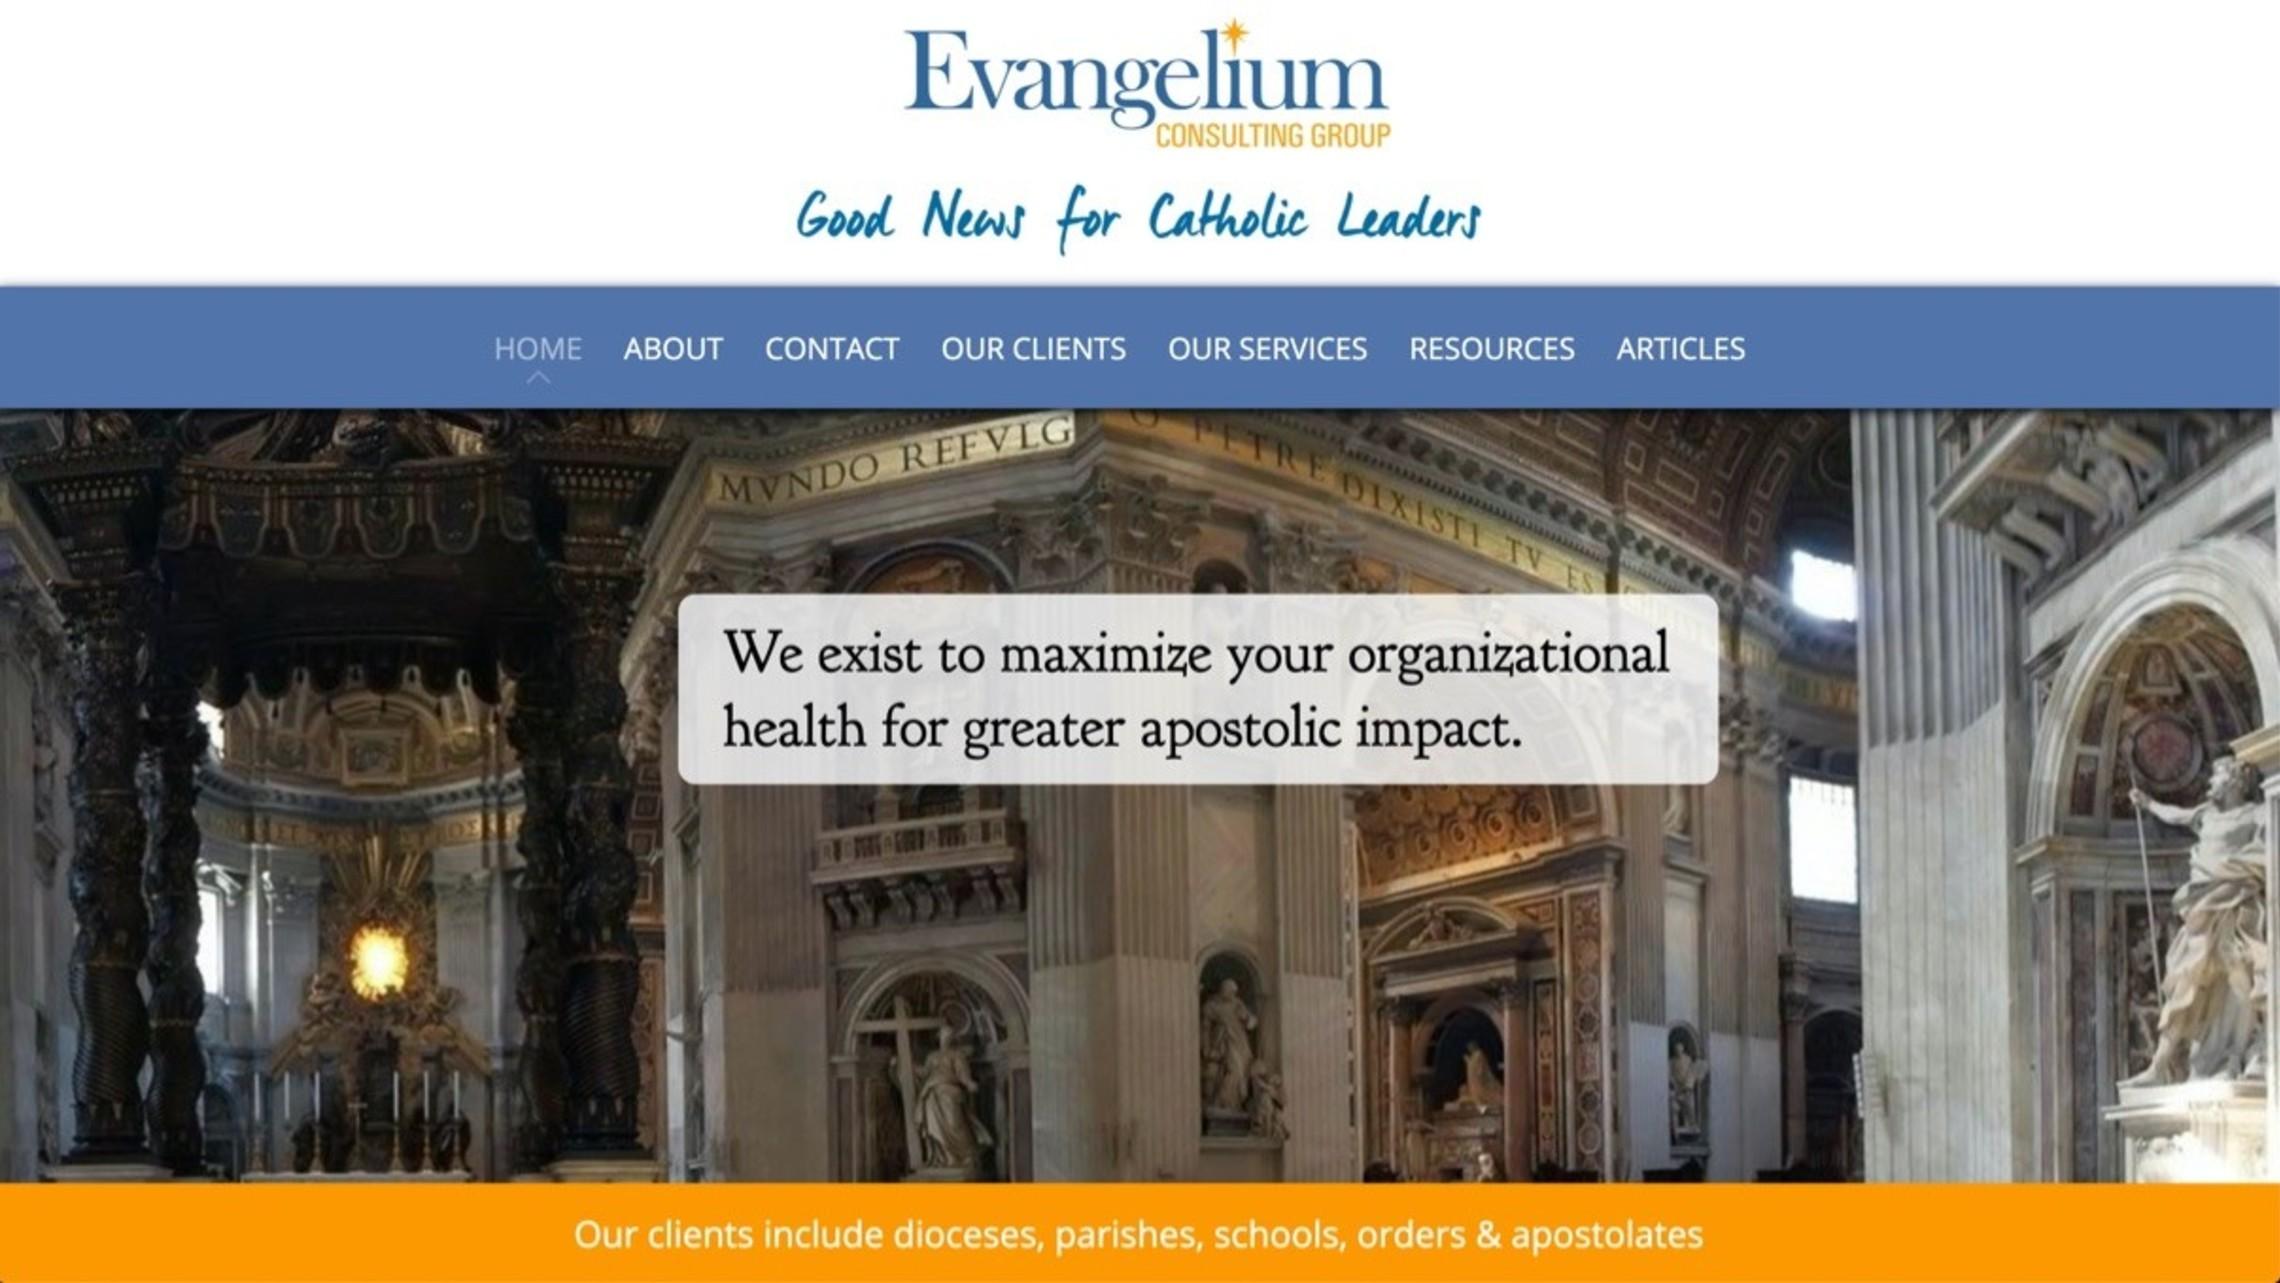 Evangelium Consulting